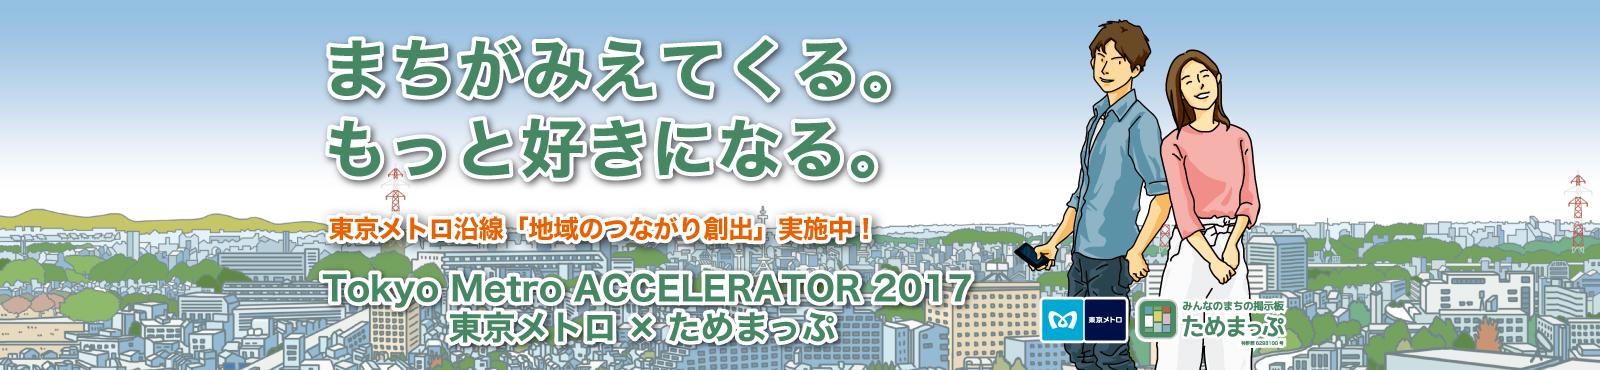 東京メトロ☓ためまっぷ アクセラレーター2017